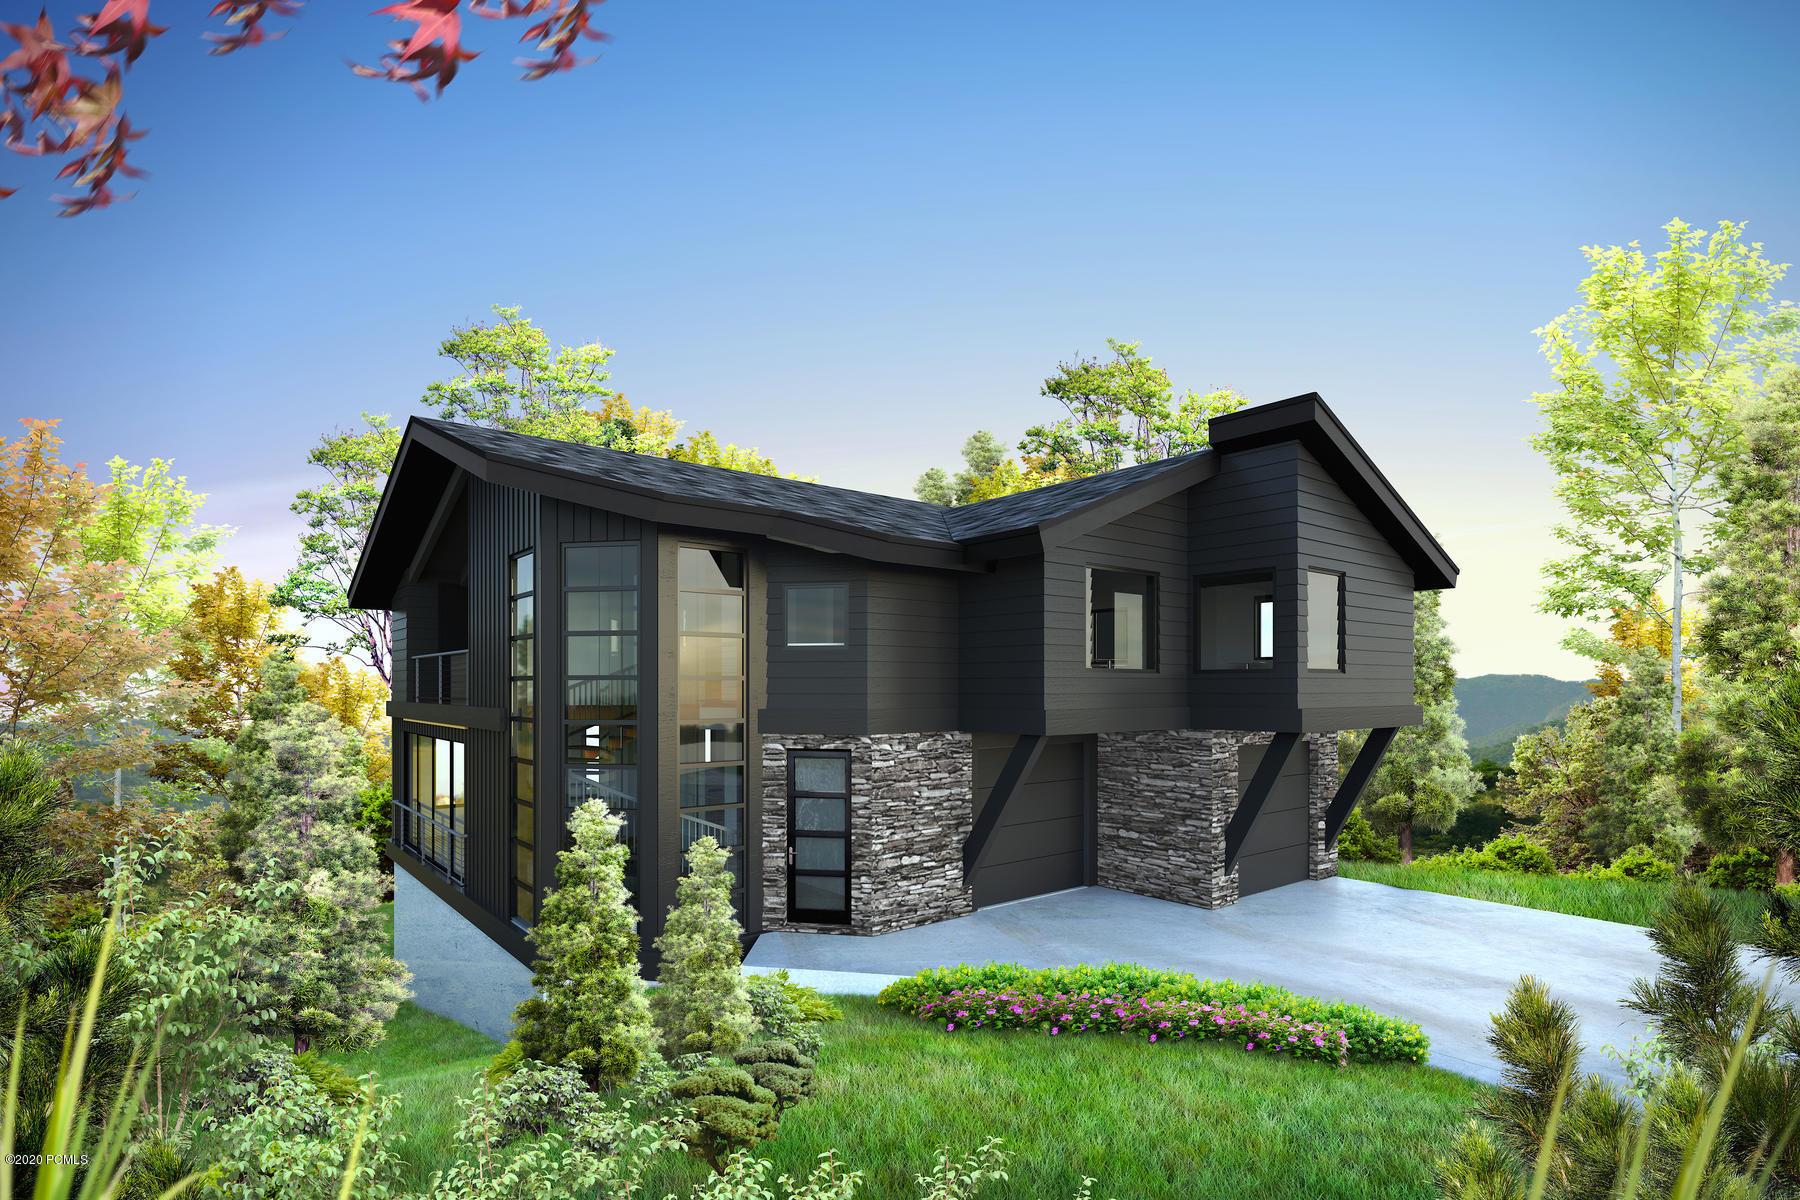 553 Deer Valley Loop Road, Park City, Utah 84060, 5 Bedrooms Bedrooms, ,7 BathroomsBathrooms,Single Family,For Sale,Deer Valley Loop,20190109112430415765000000